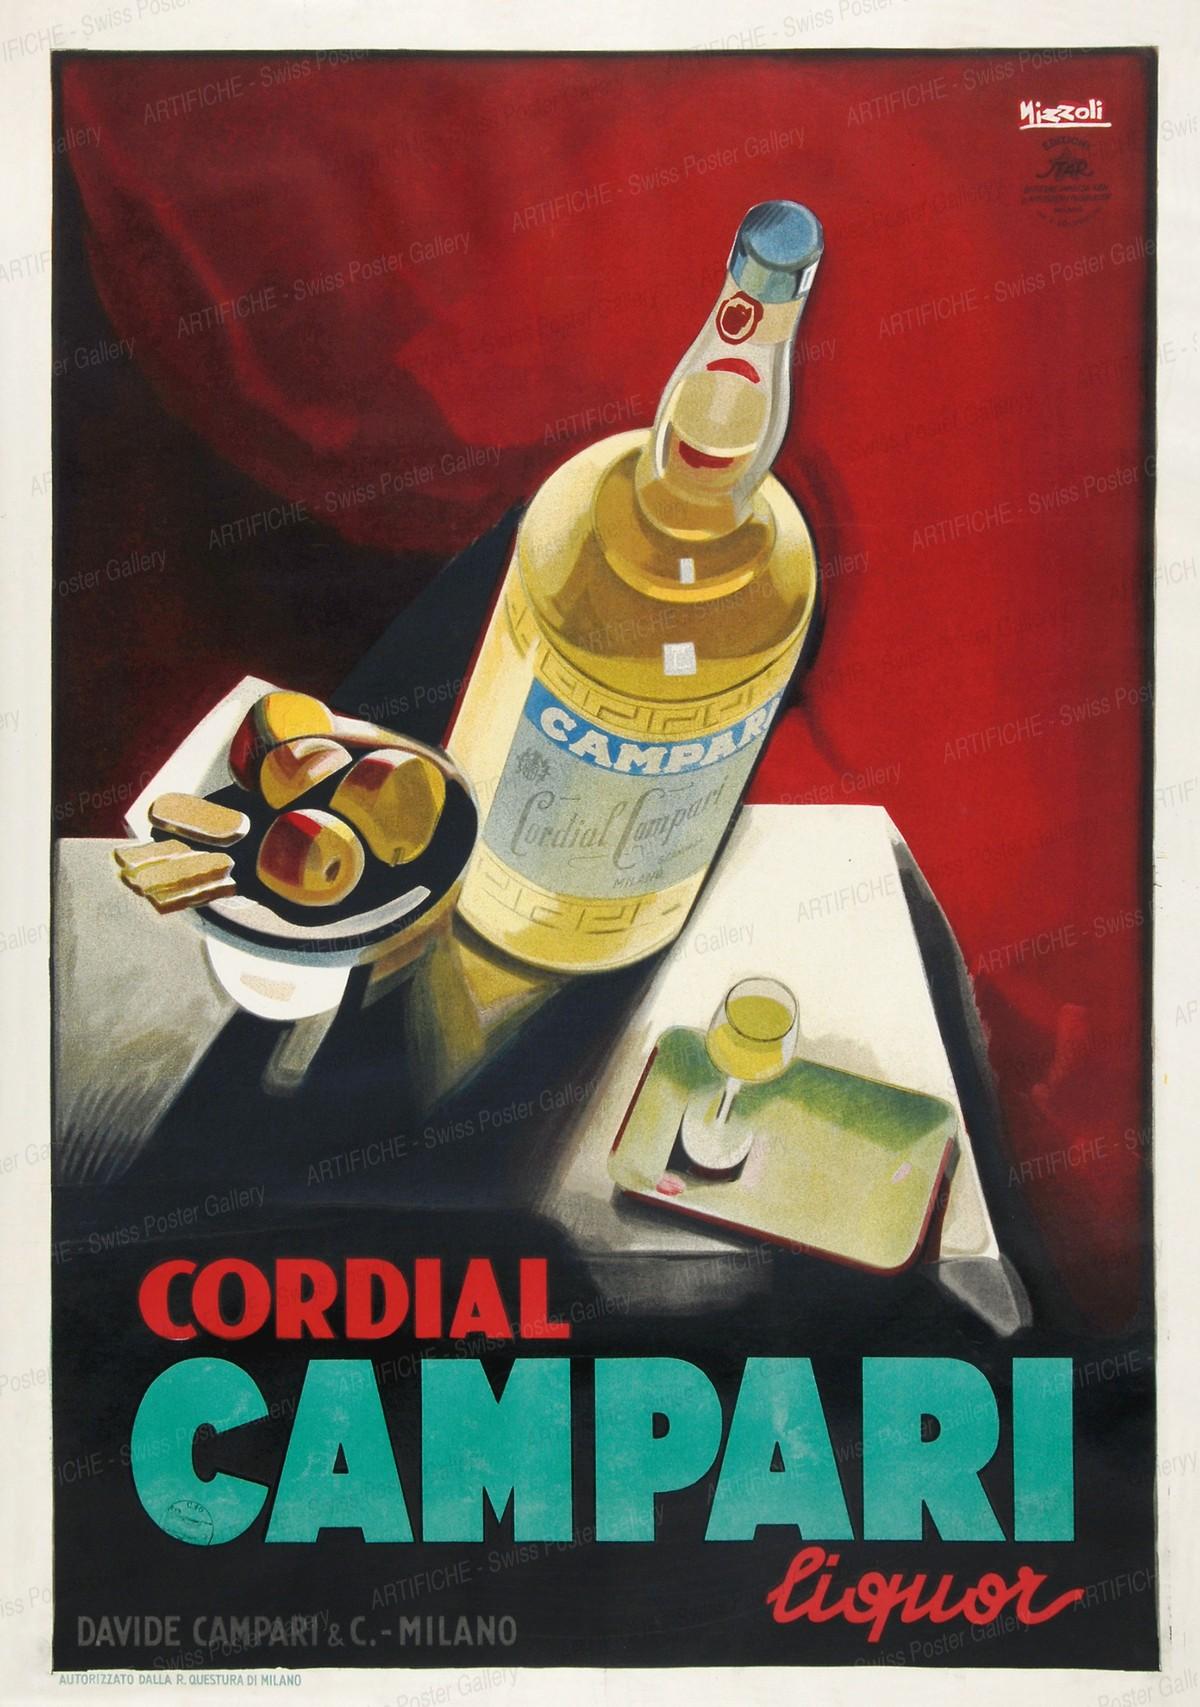 Cordial CAMPARI Liquor, Marcello Nizzoli